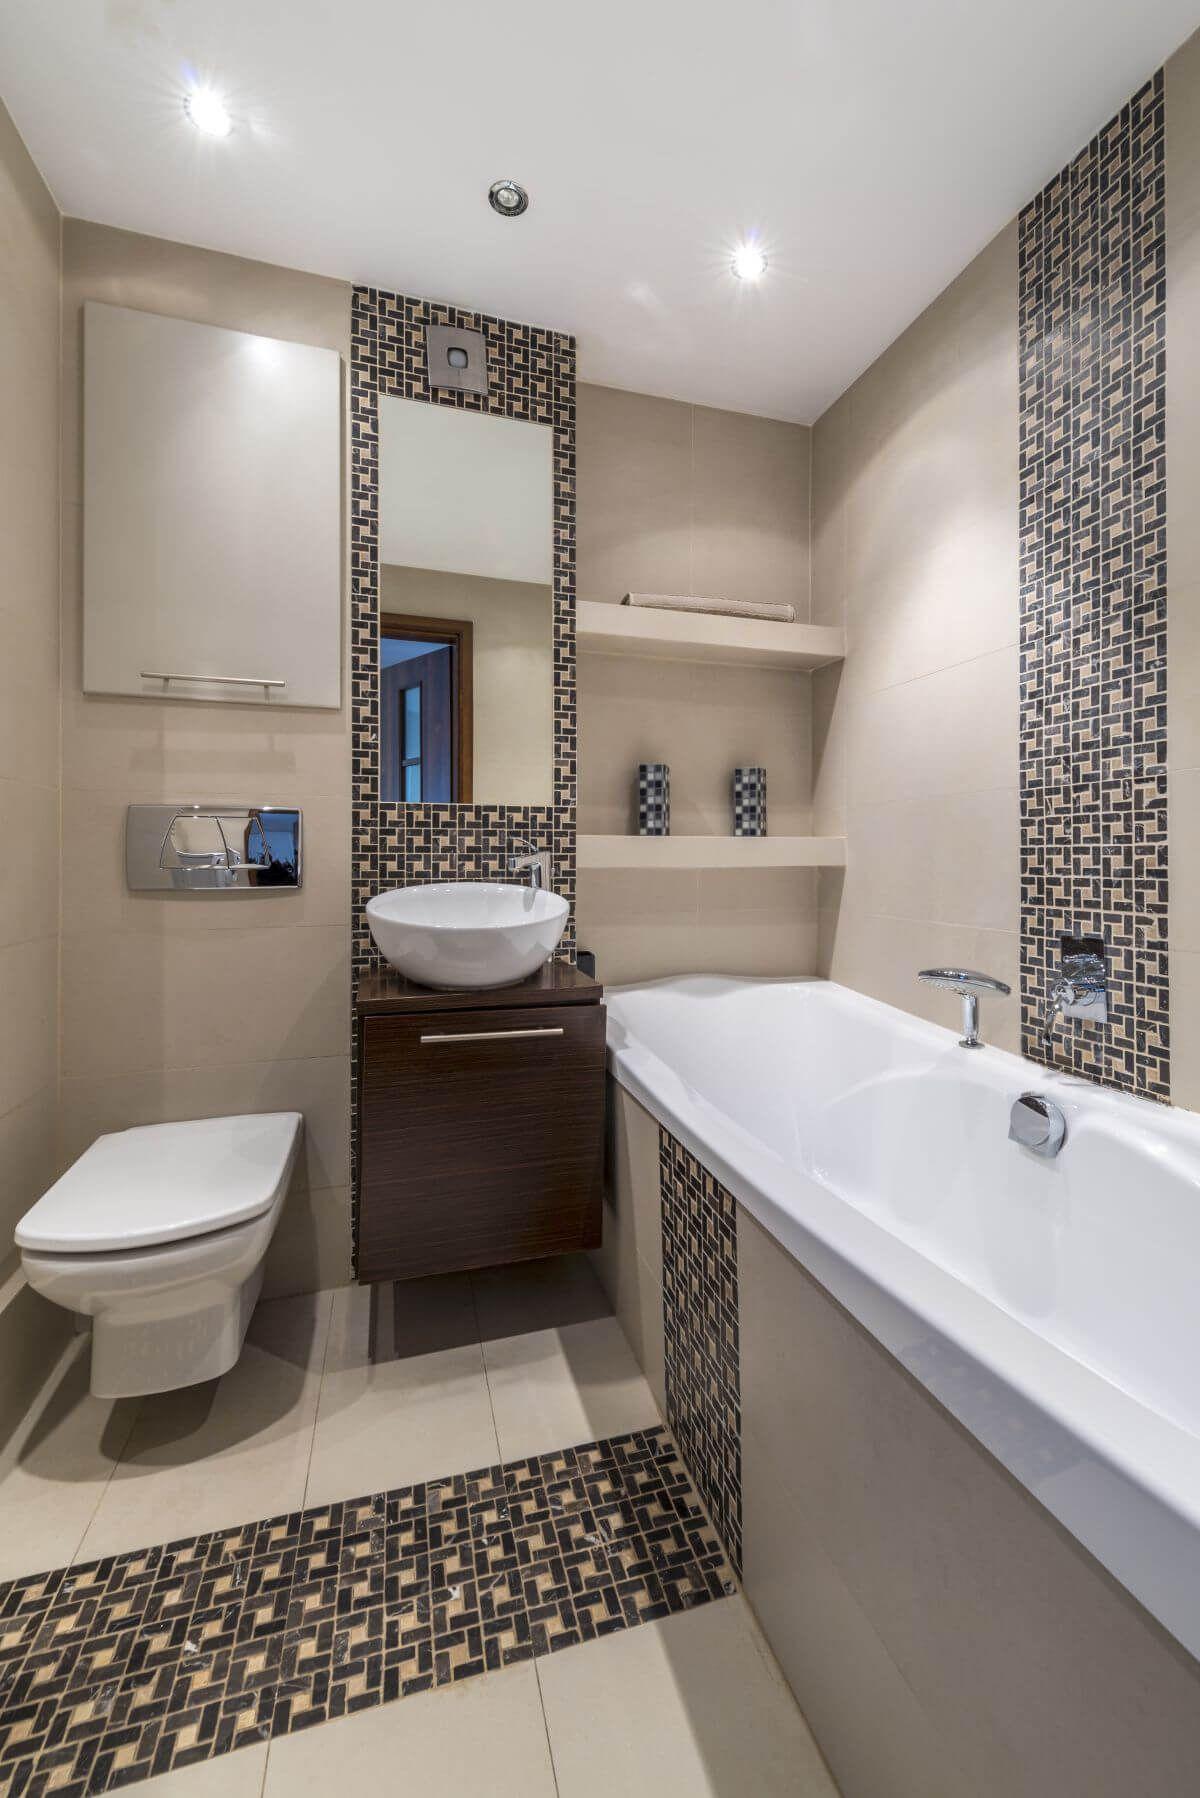 Indian Bathroom Designs Book Small Bathroom Renovations Simple Bathroom Modern Small Bathrooms